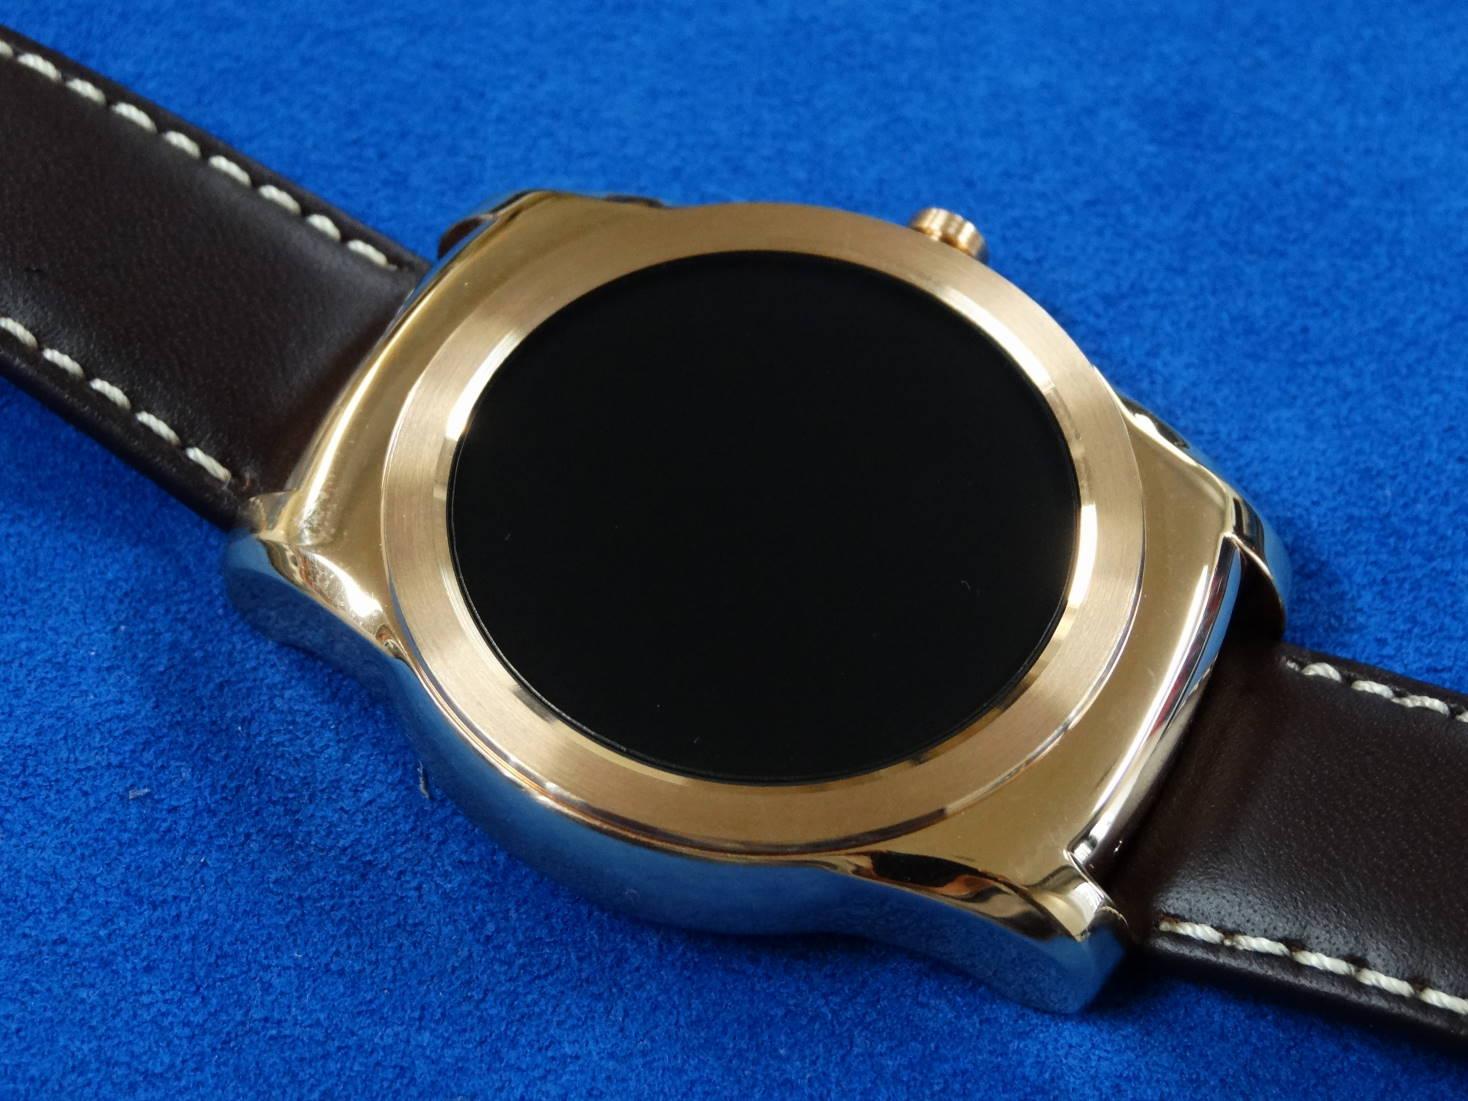 Android Wear の LG Watch Urbane 専用保護シート作りました!(OverLay)